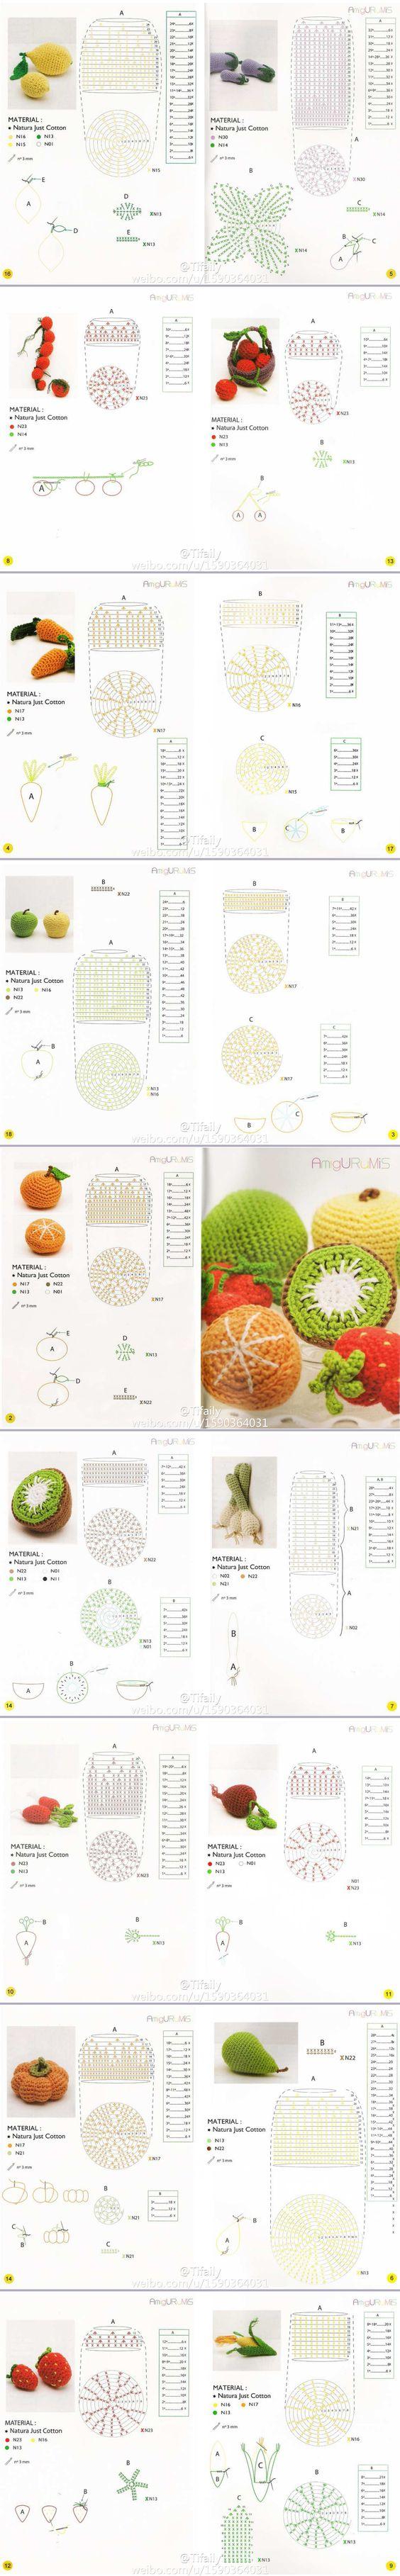 Amigurumi Vegetables : Amigurumi fruits vegetables chart u hilariafina http